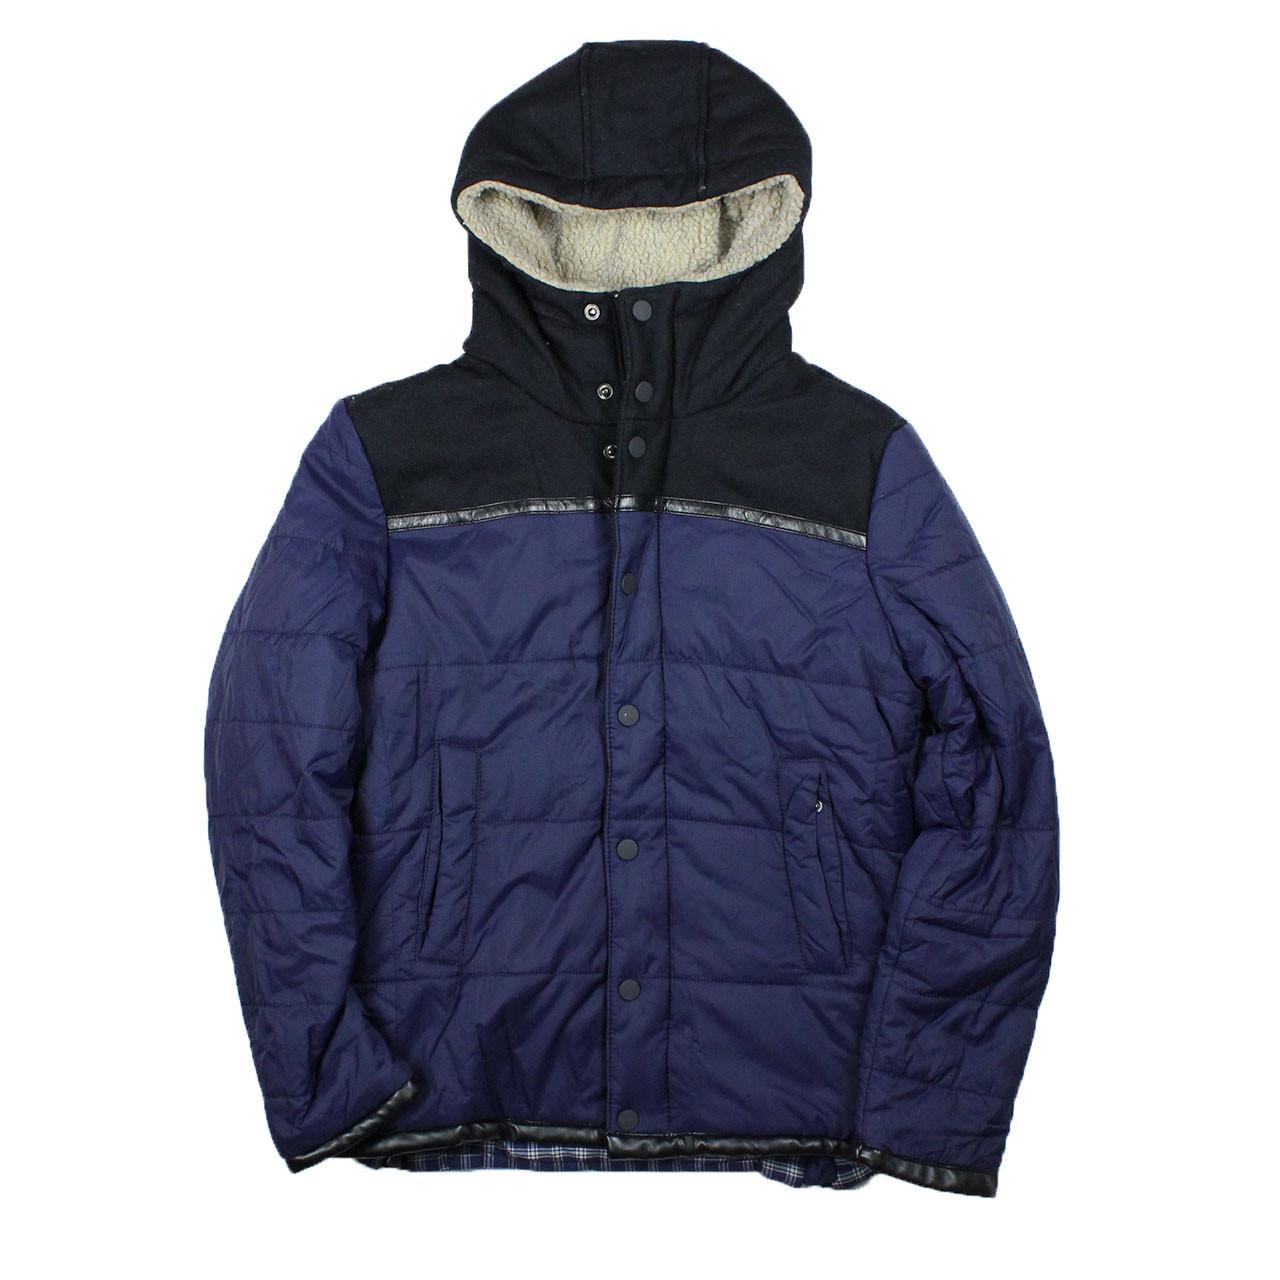 Зимние куртка Scoth & Soda синяя